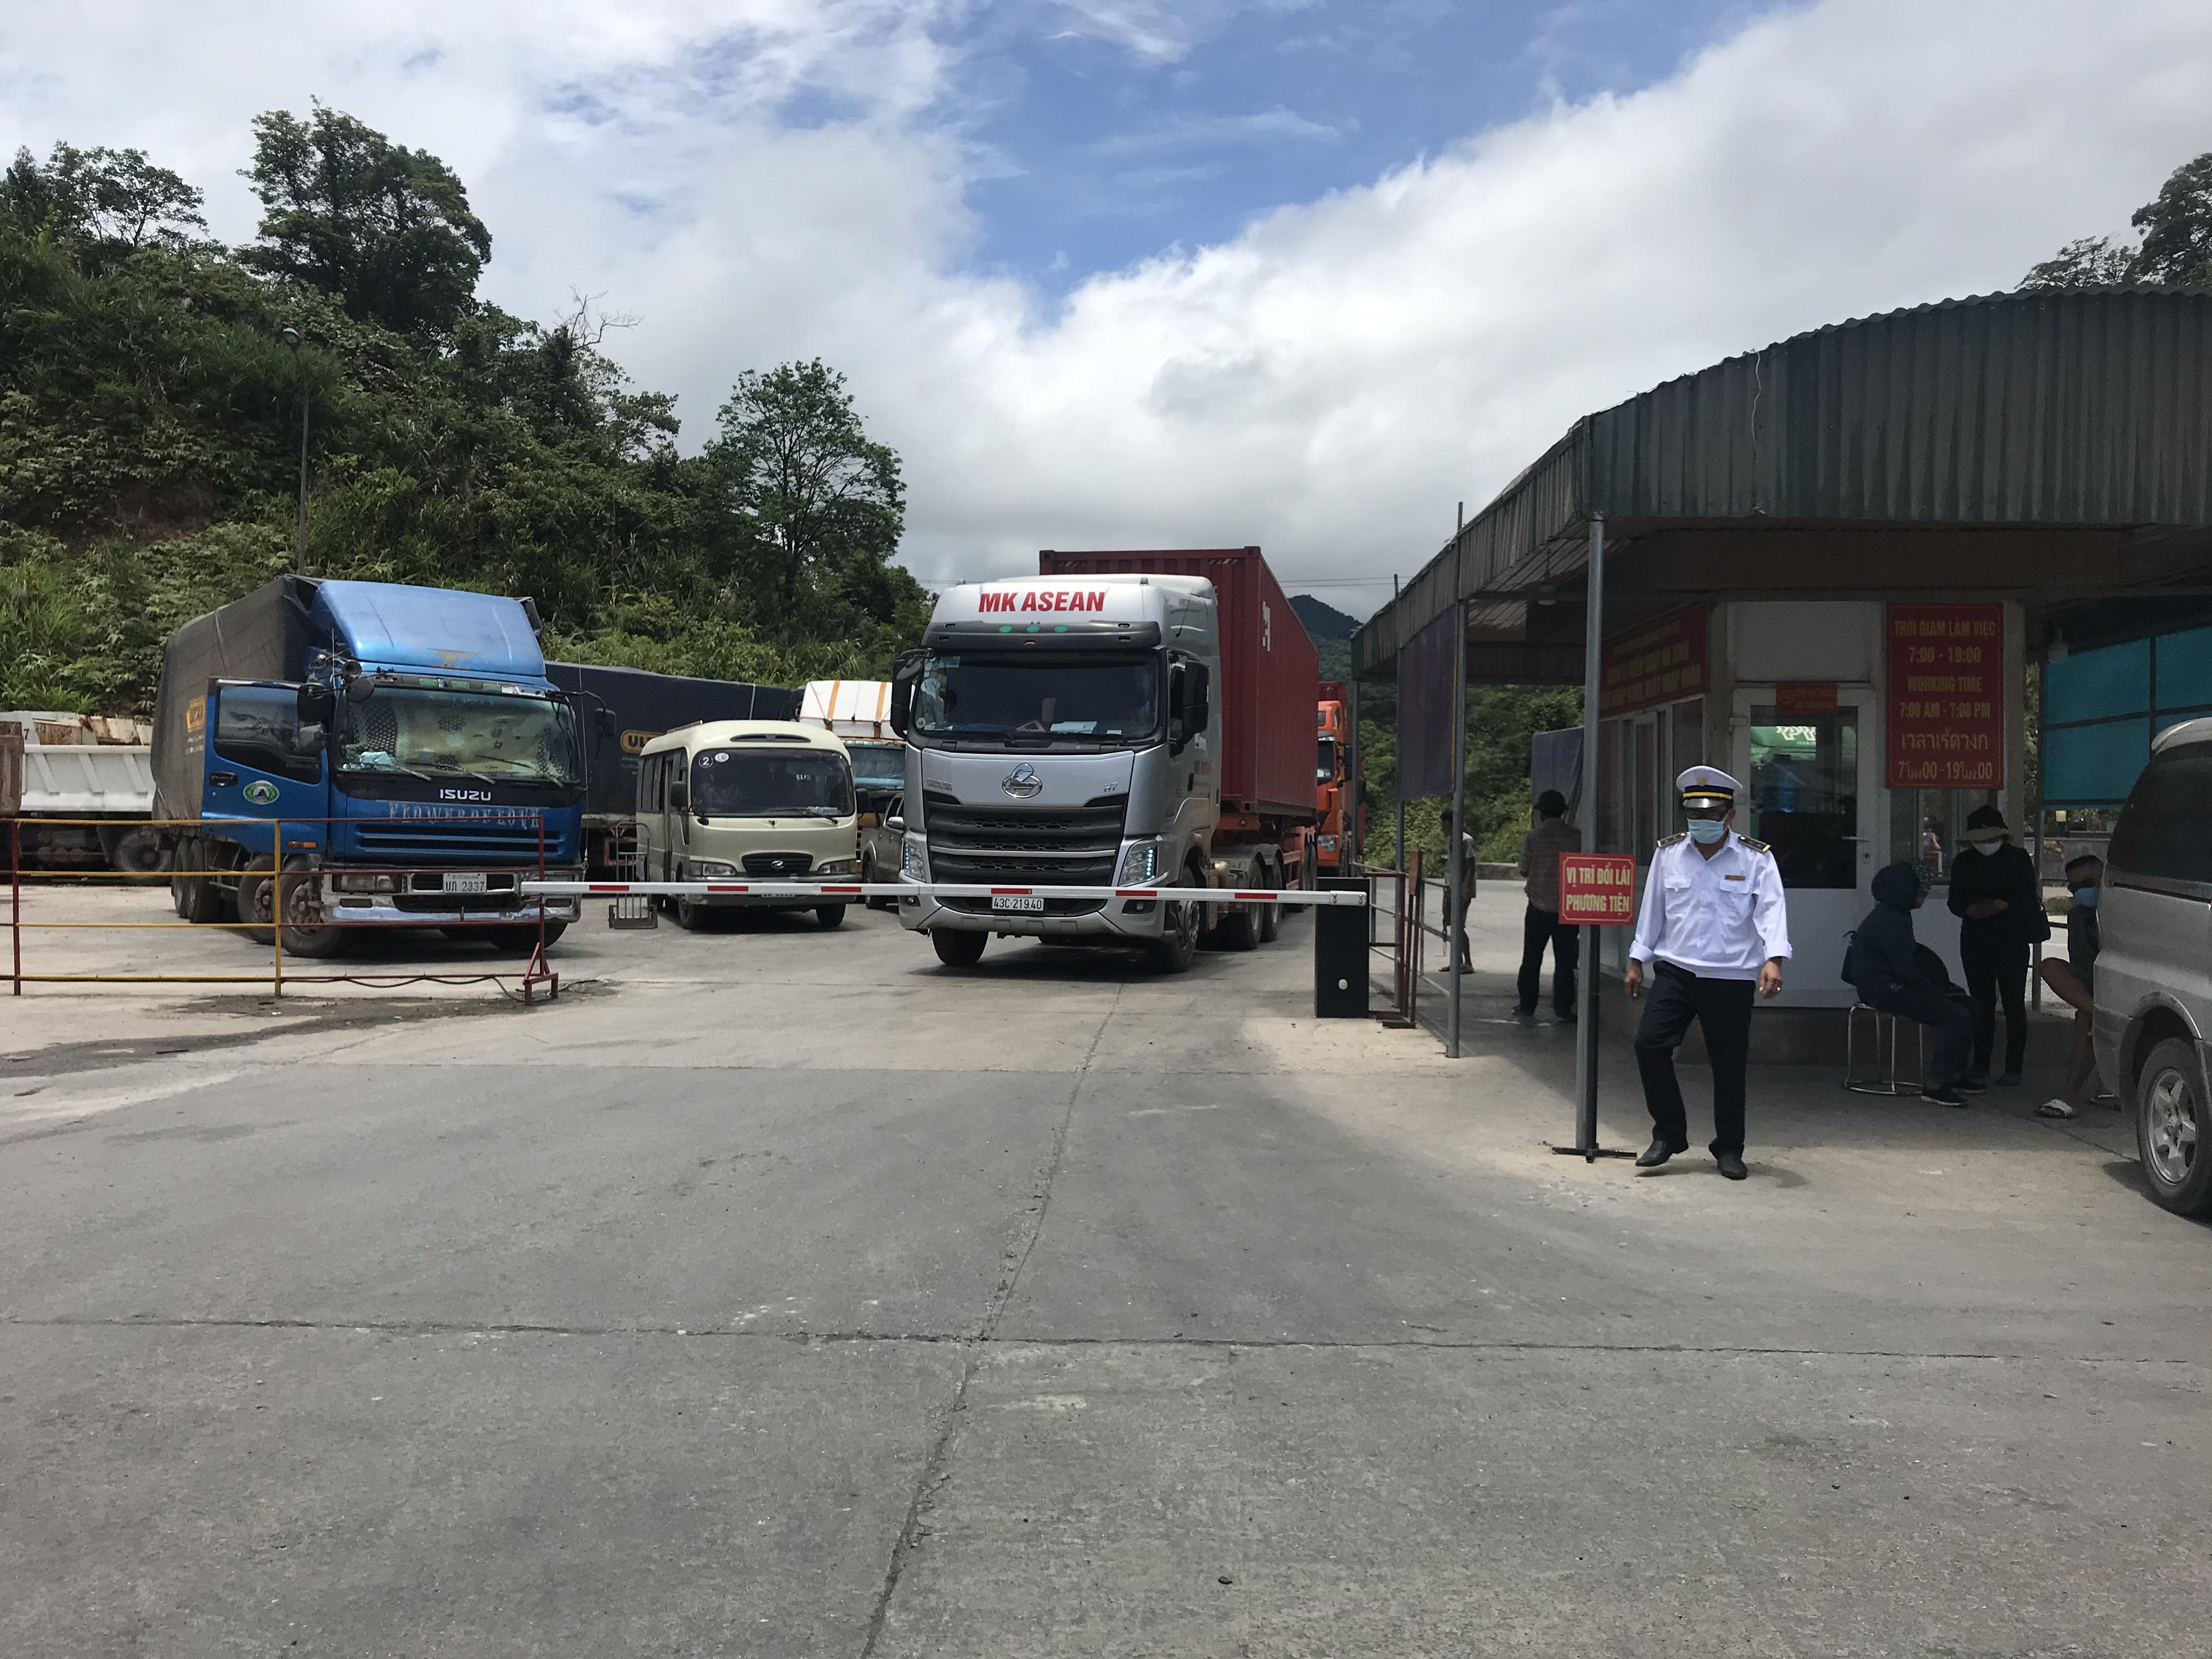 Vị trí đổi lái phương tiện tại Cửa khẩu quốc tế Cầu Treo.